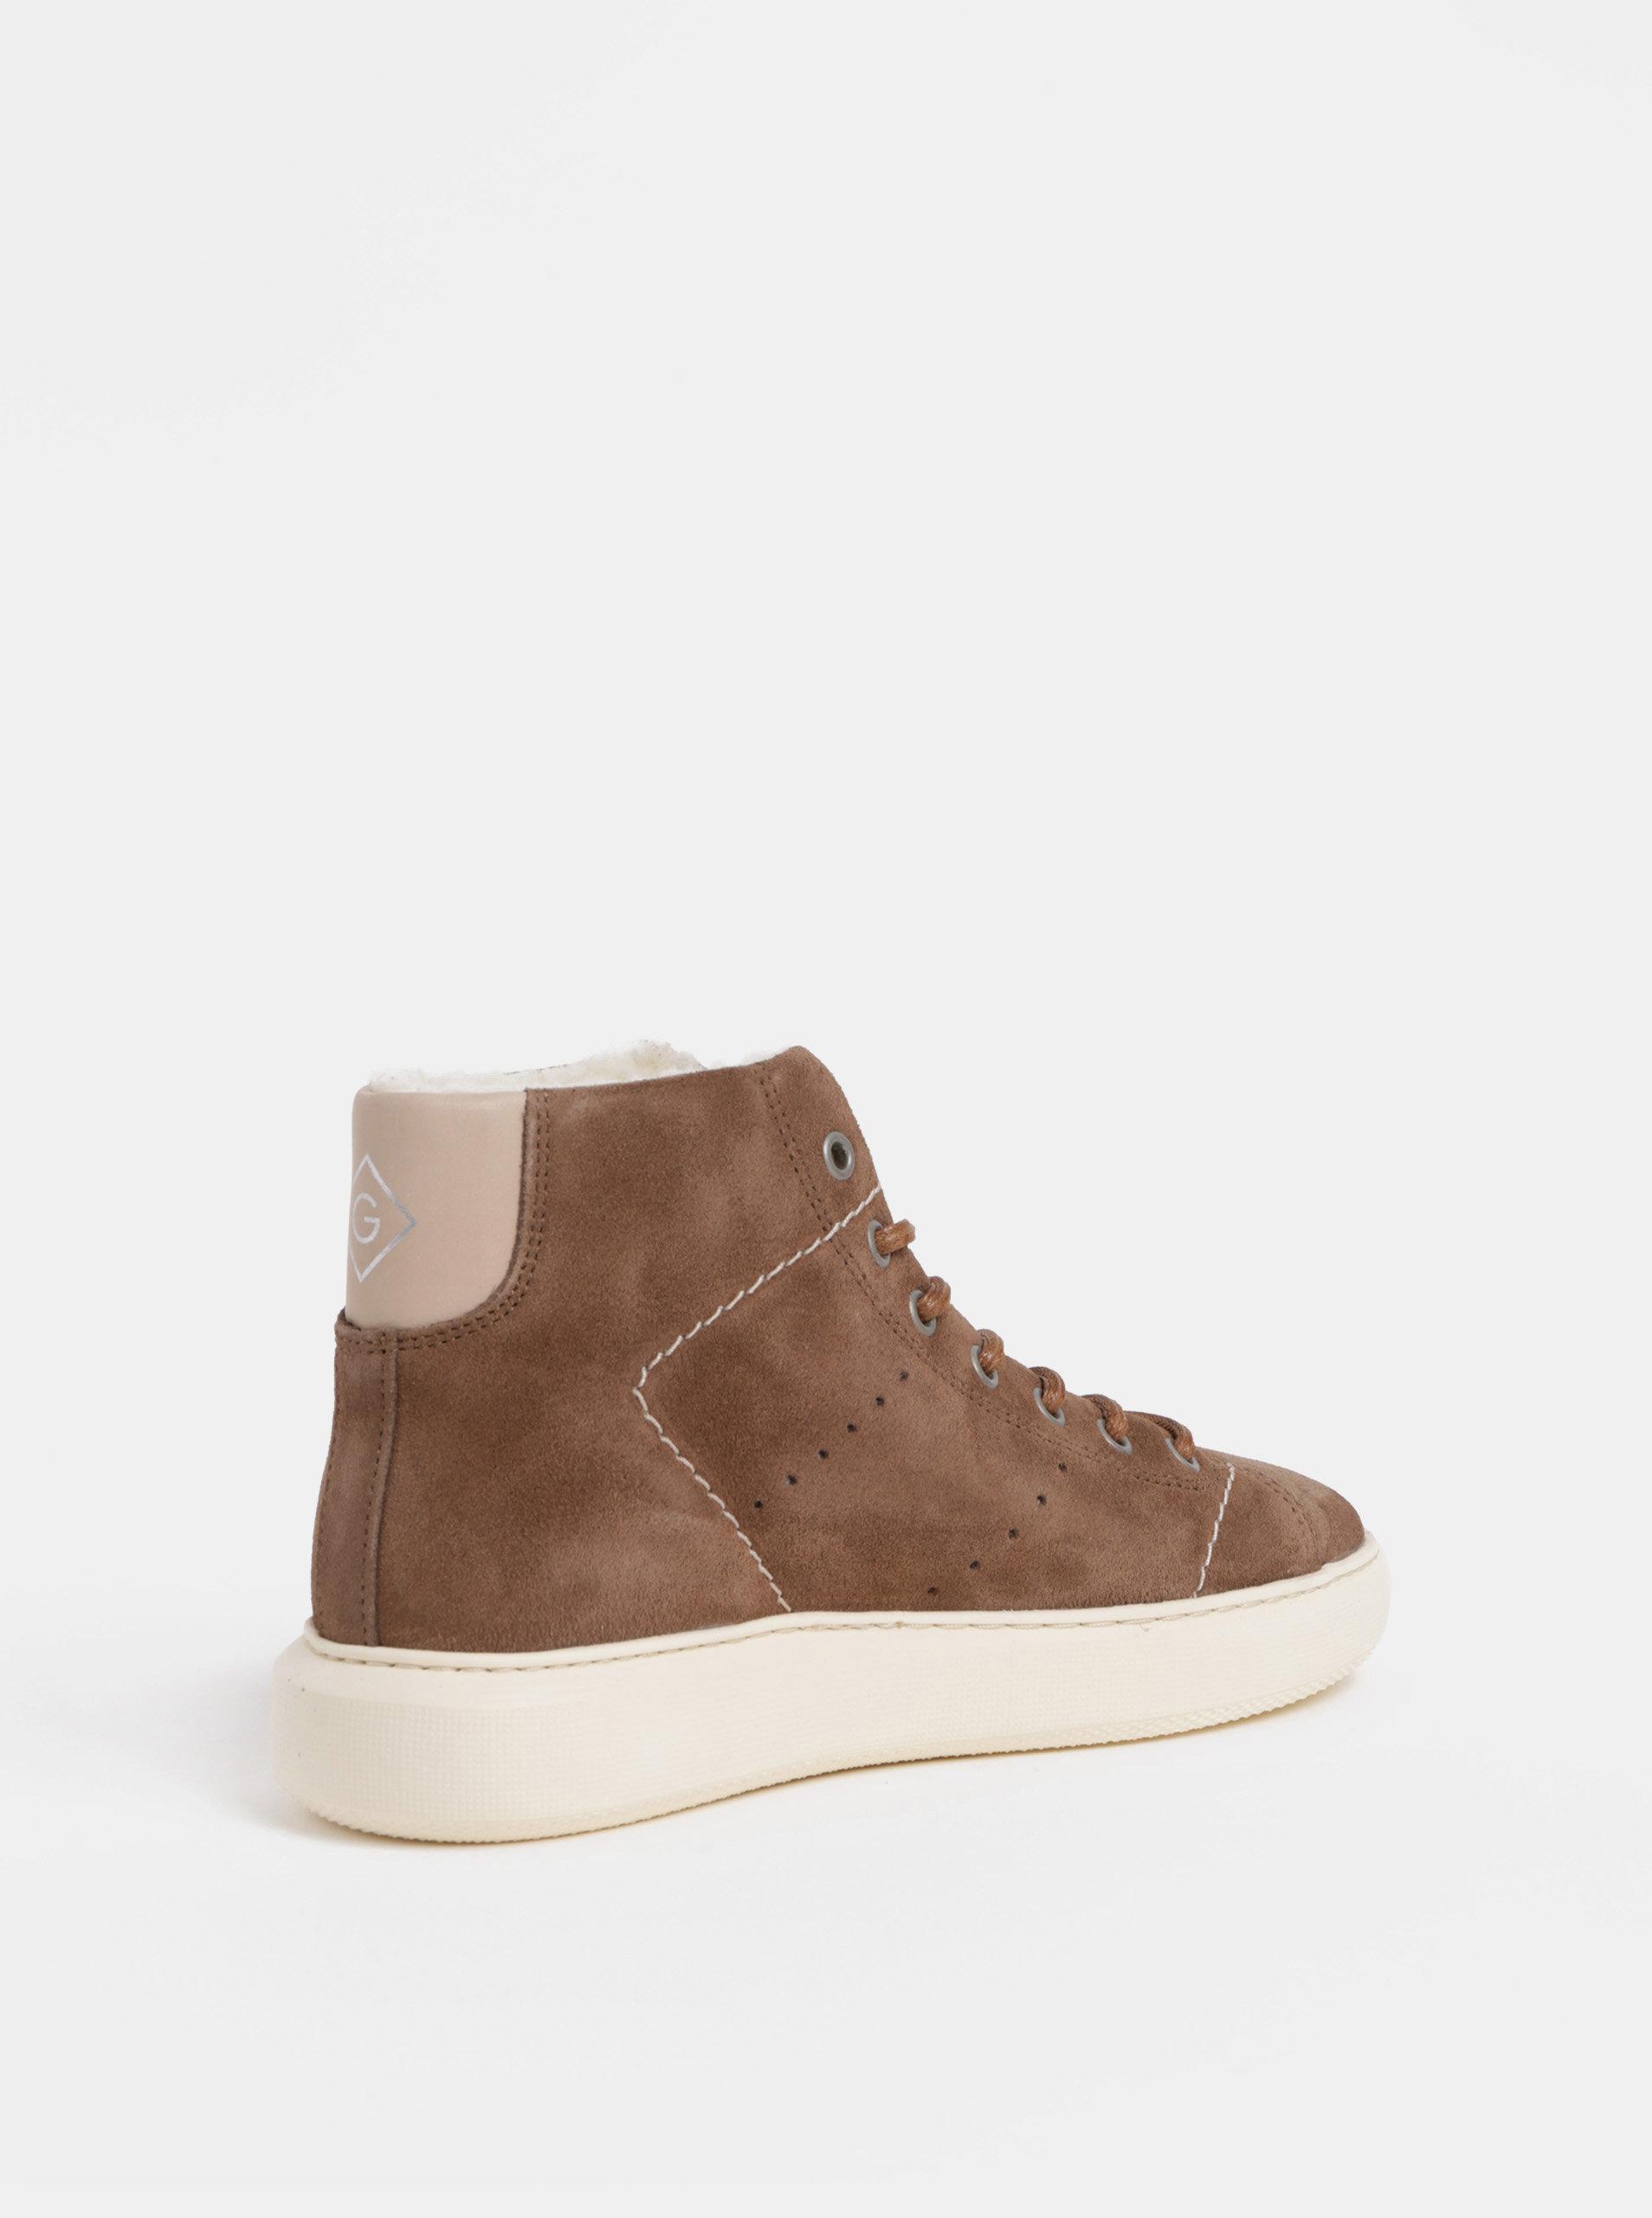 d9bd3ea40ff2 Hnedé dámske semišové členkové zimné topánky s vlnenou podšívkou GANT Kay  ...